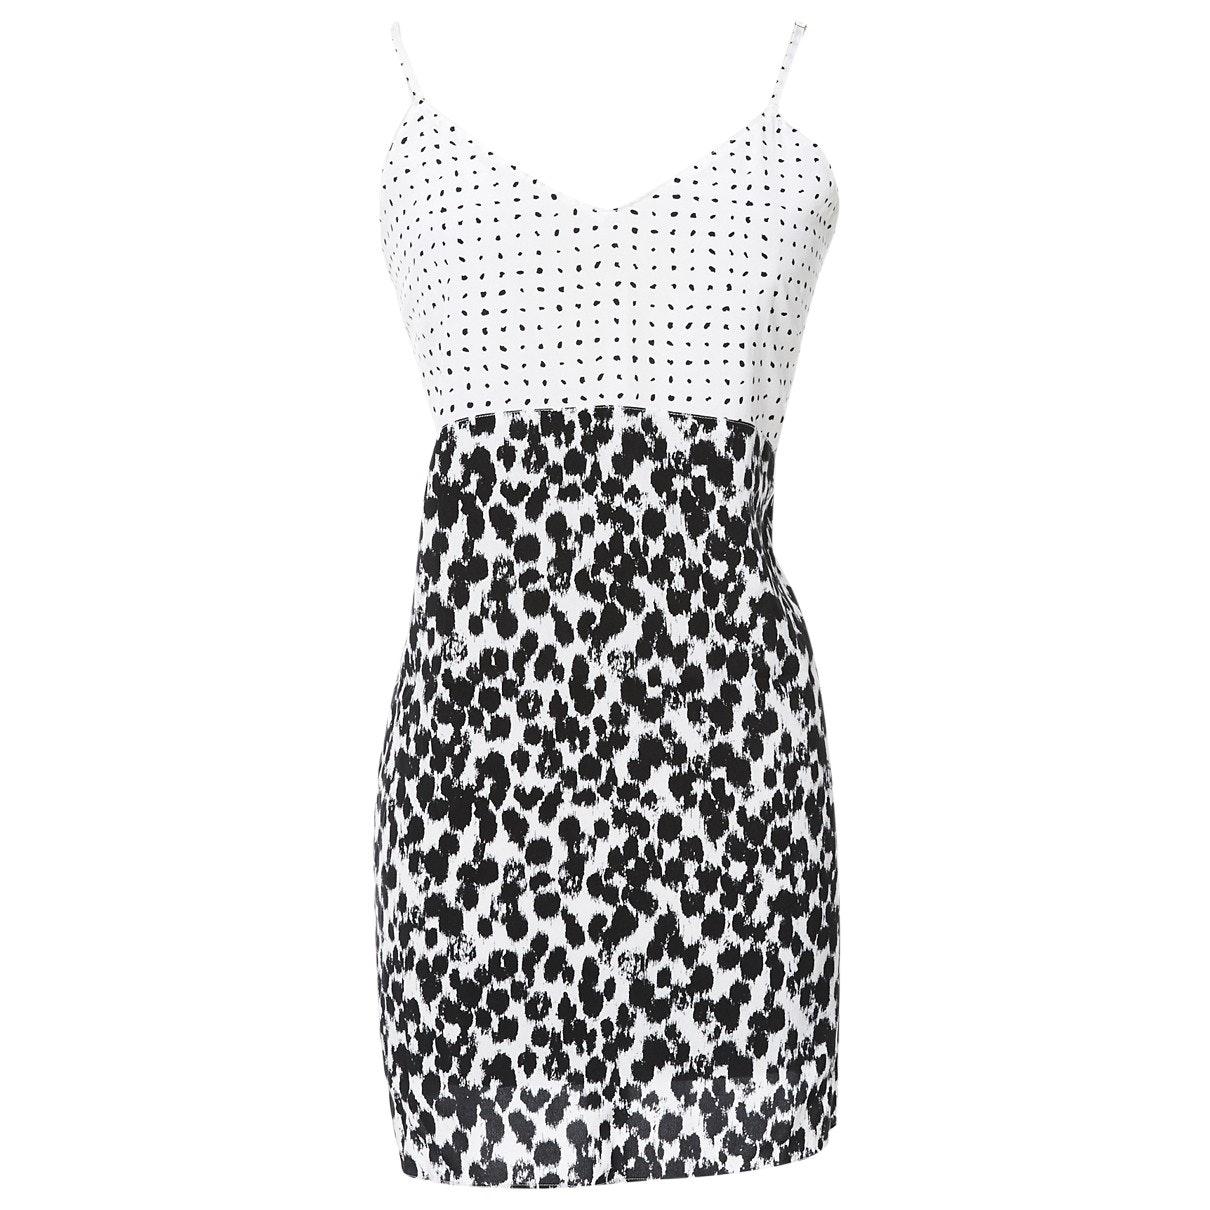 STELLA MCCARTNEY White Top; Size: M; $116.50